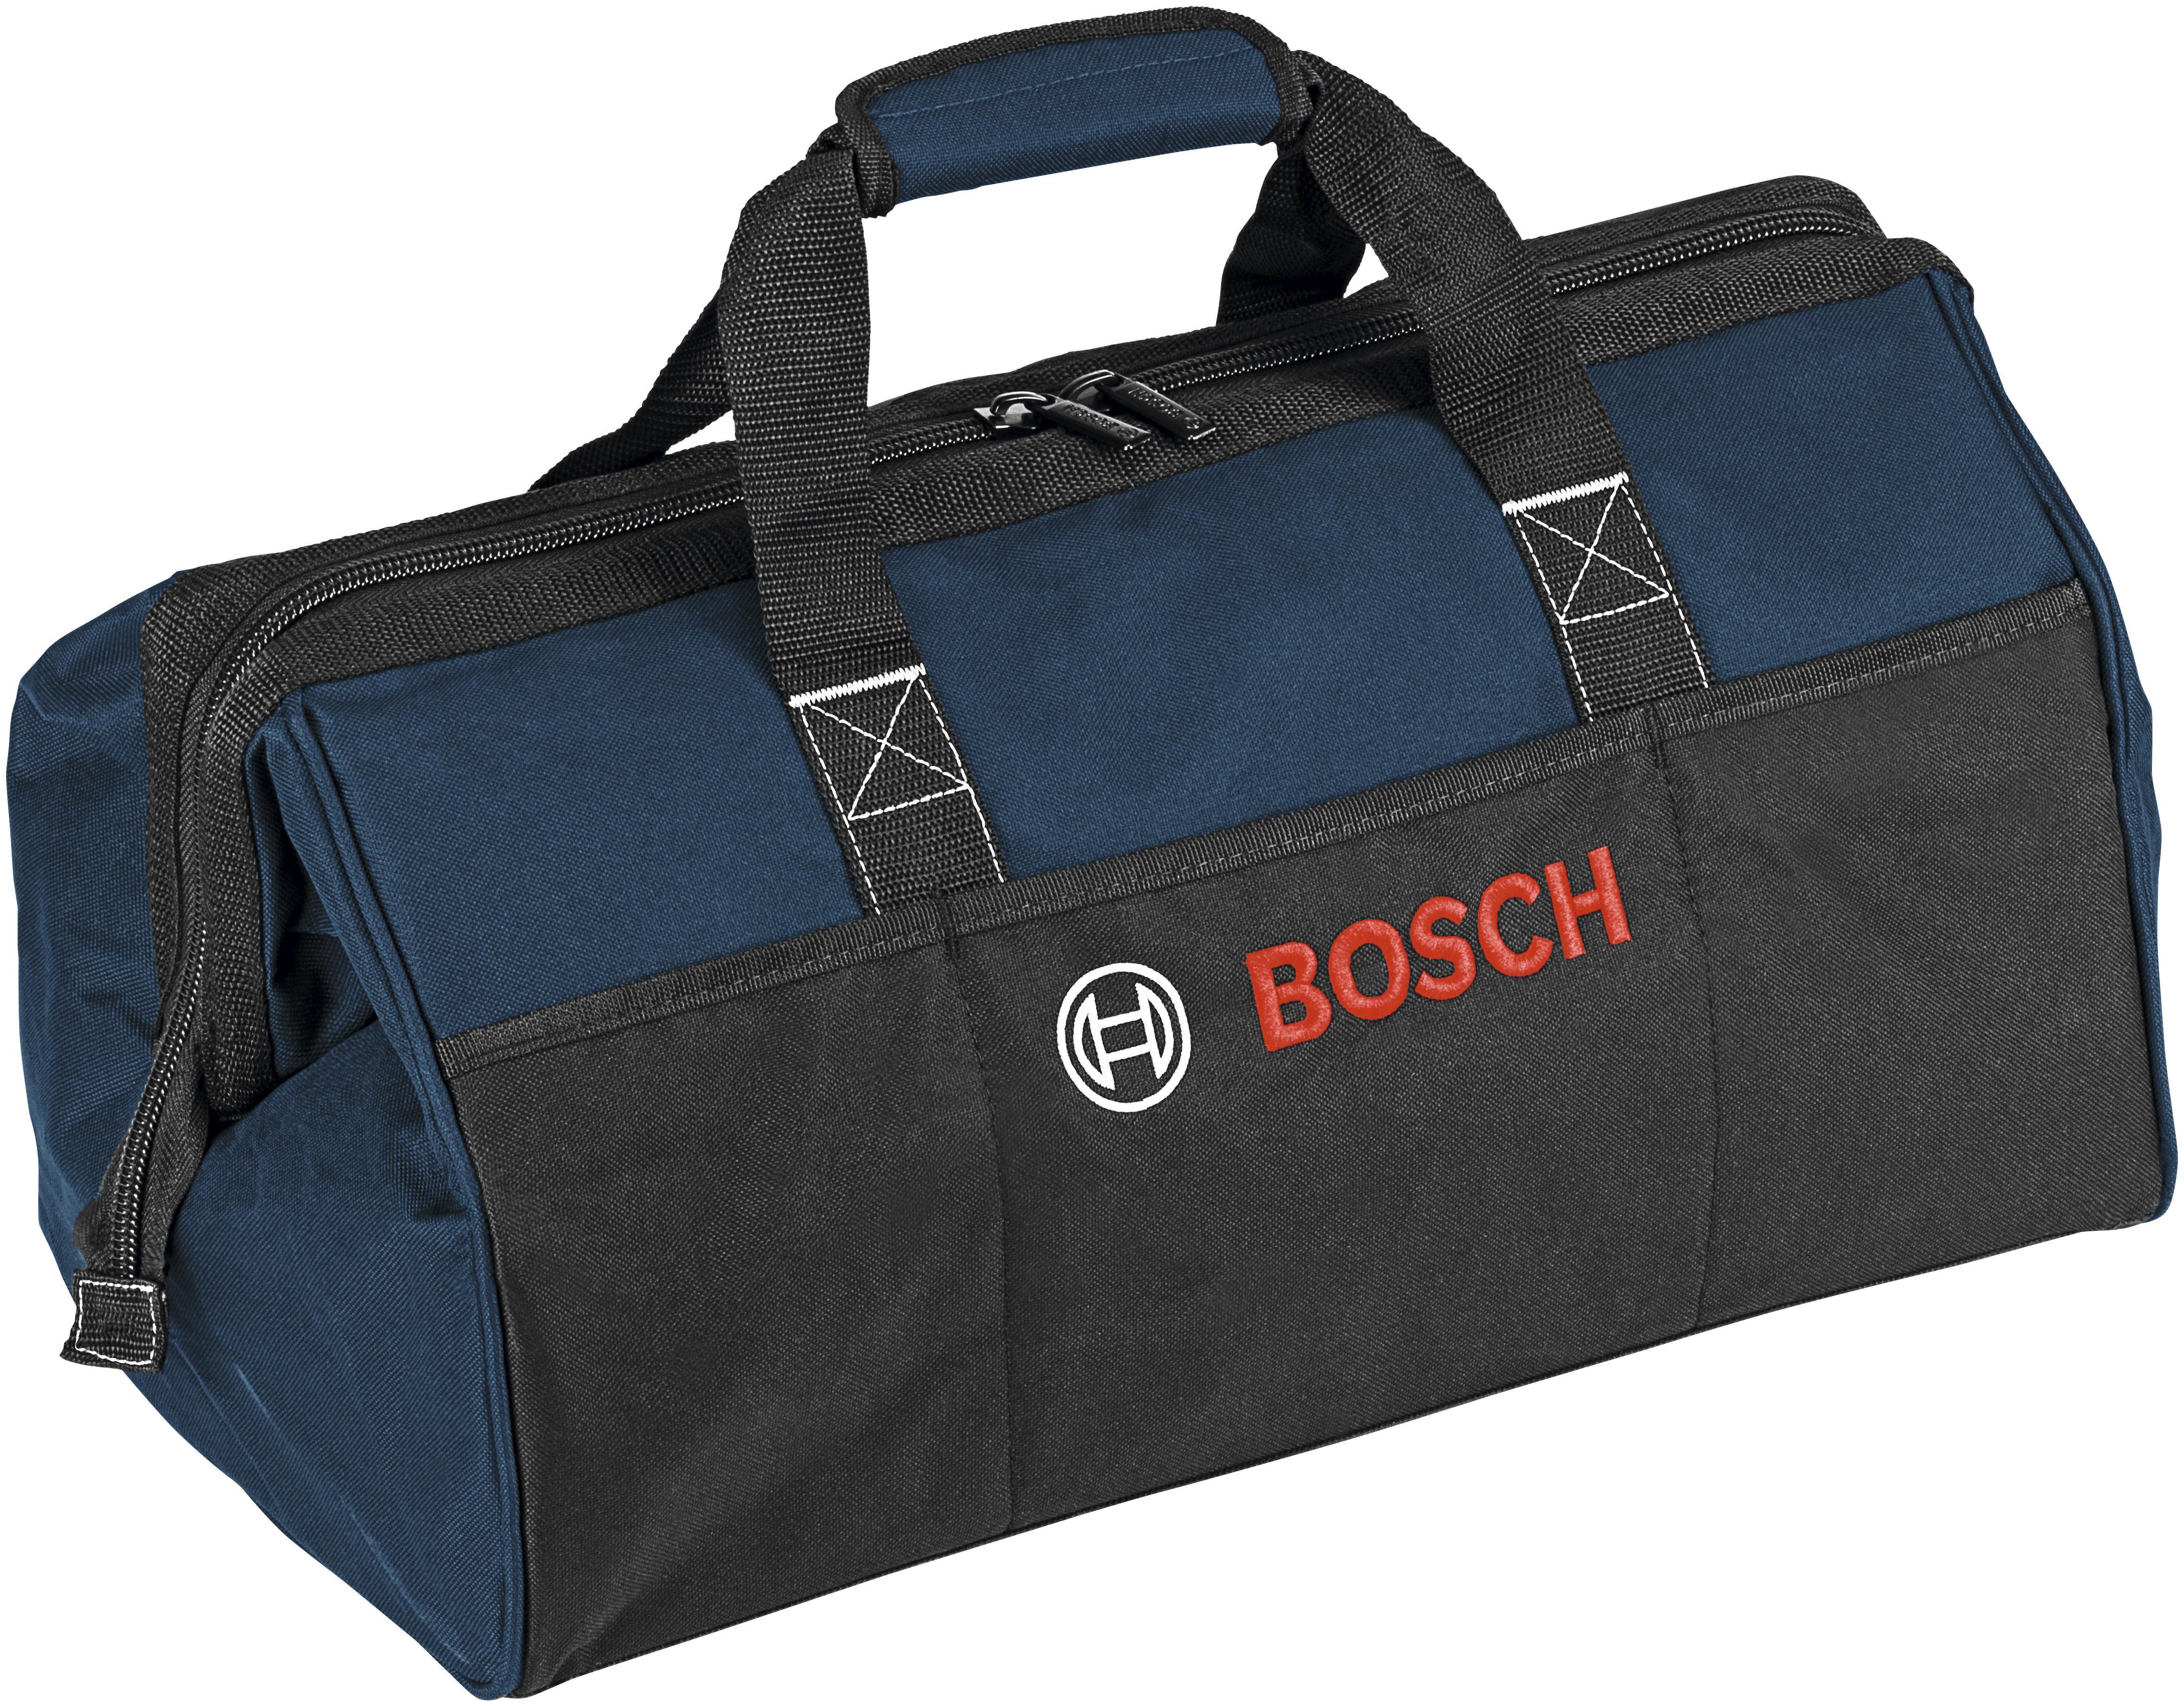 Сумка Bosch 1619bz0100 сумка bosch pack